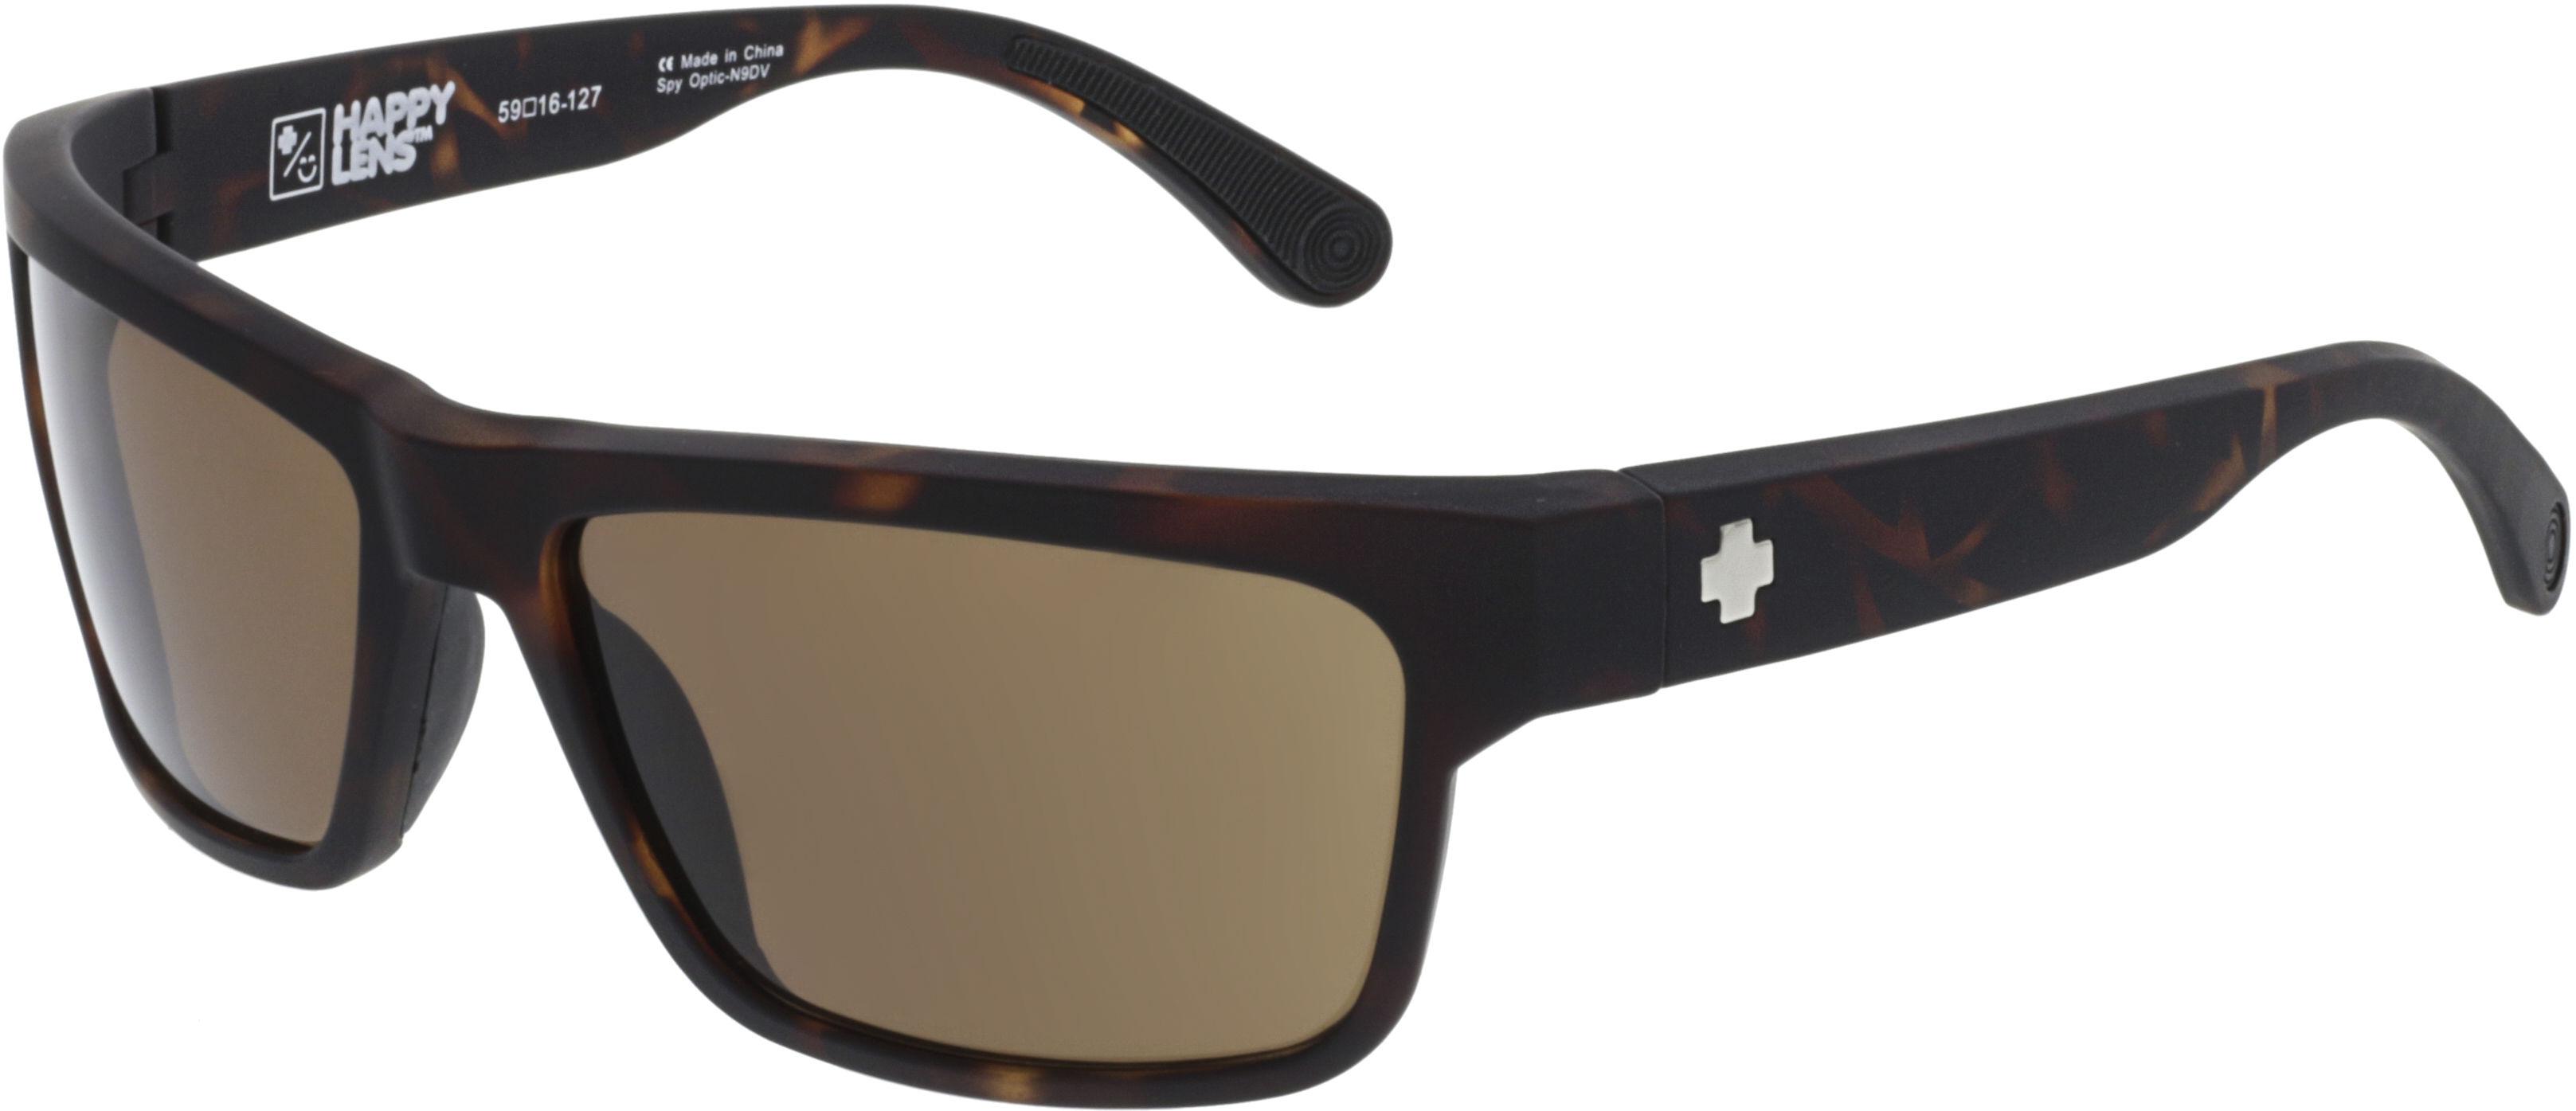 24597e666dcc8 Details about New Spy FRAZIER-673176995865 Matte Camo Tortoise   Bronze  Sunglasses